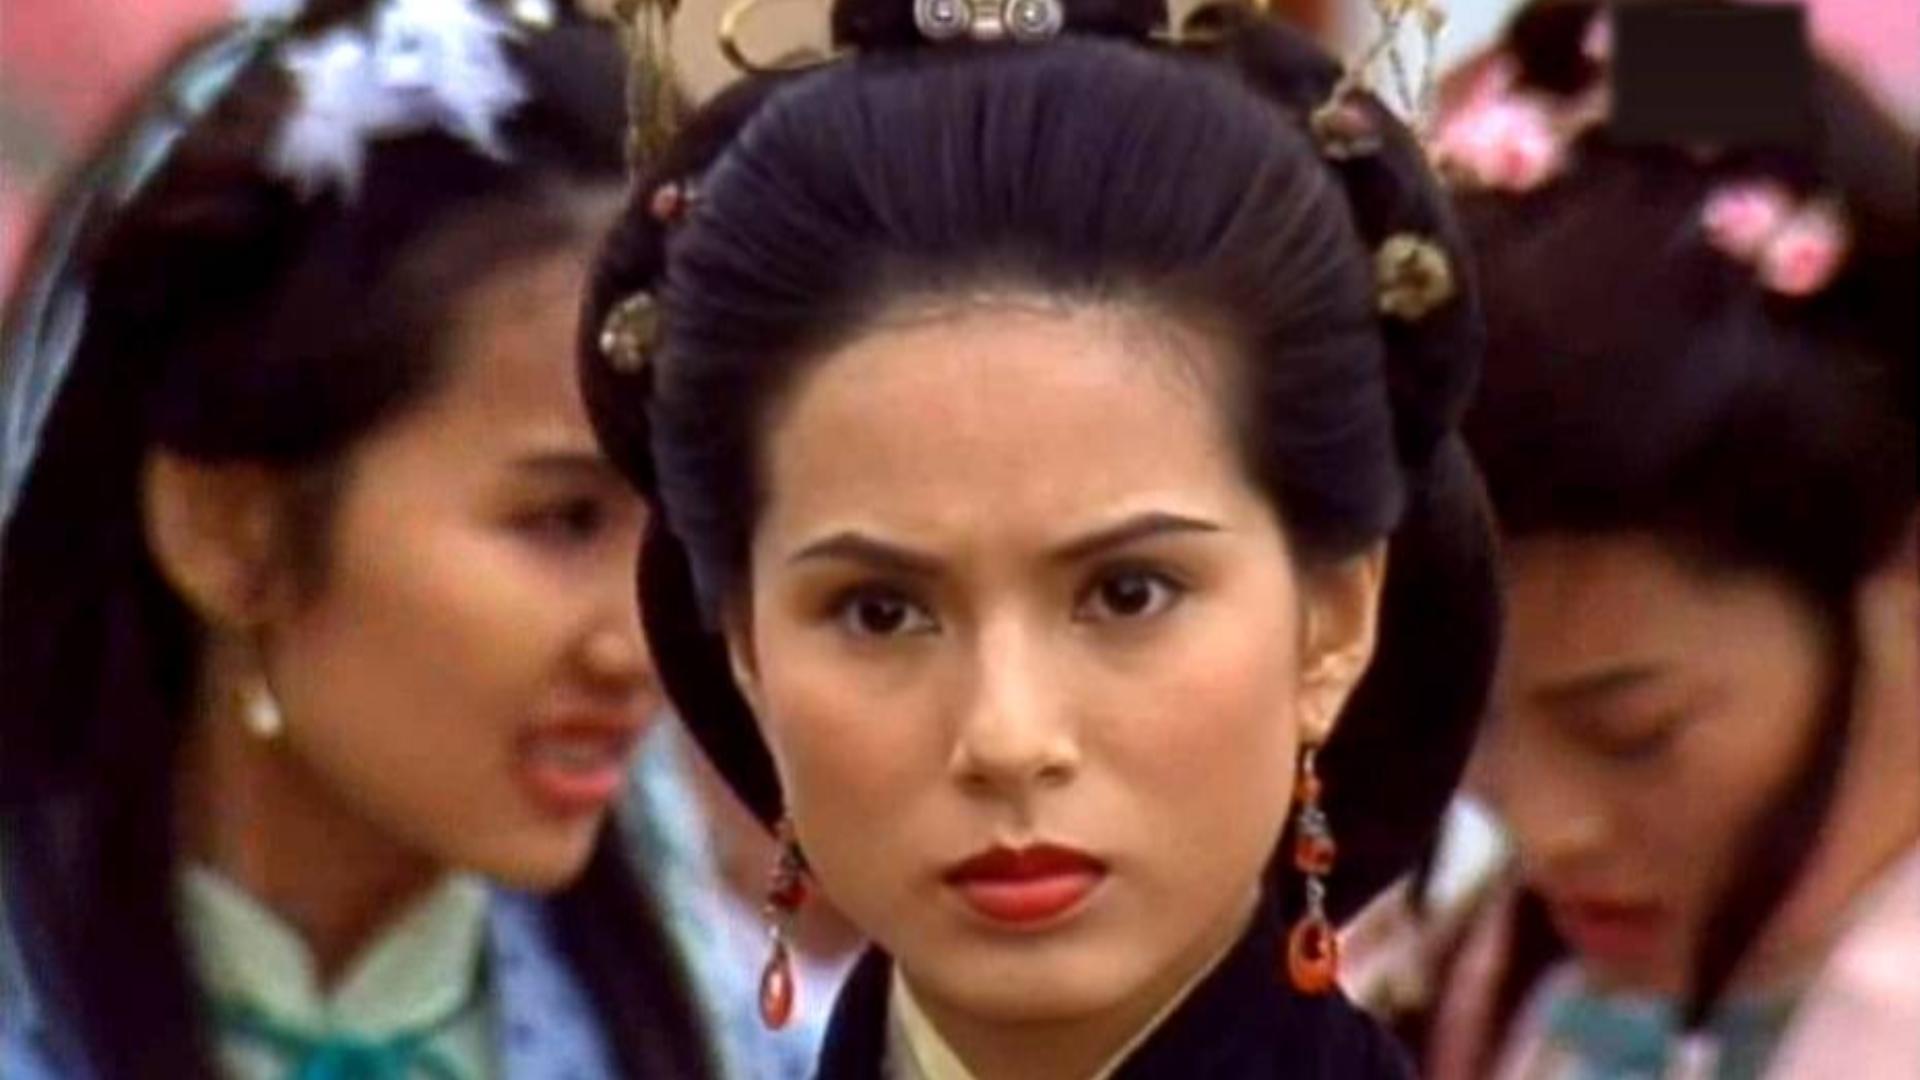 王语嫣的妈妈竟是李秋水的女儿,天龙高手竟然都跟李秋水有关